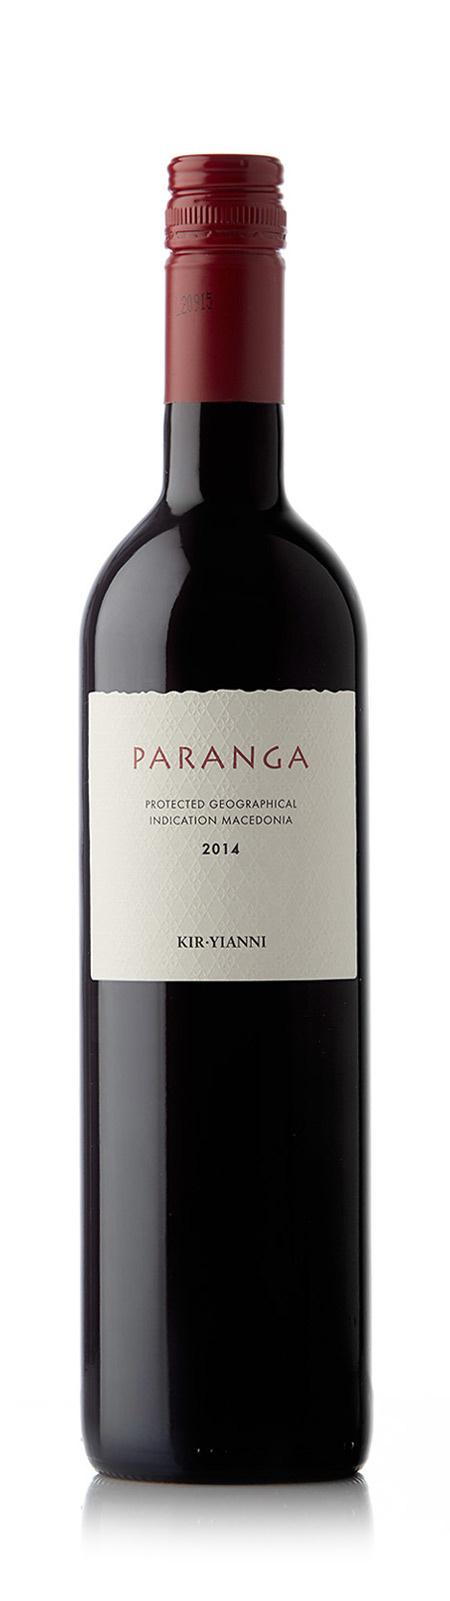 Kir Yianni Paranga Red Blend